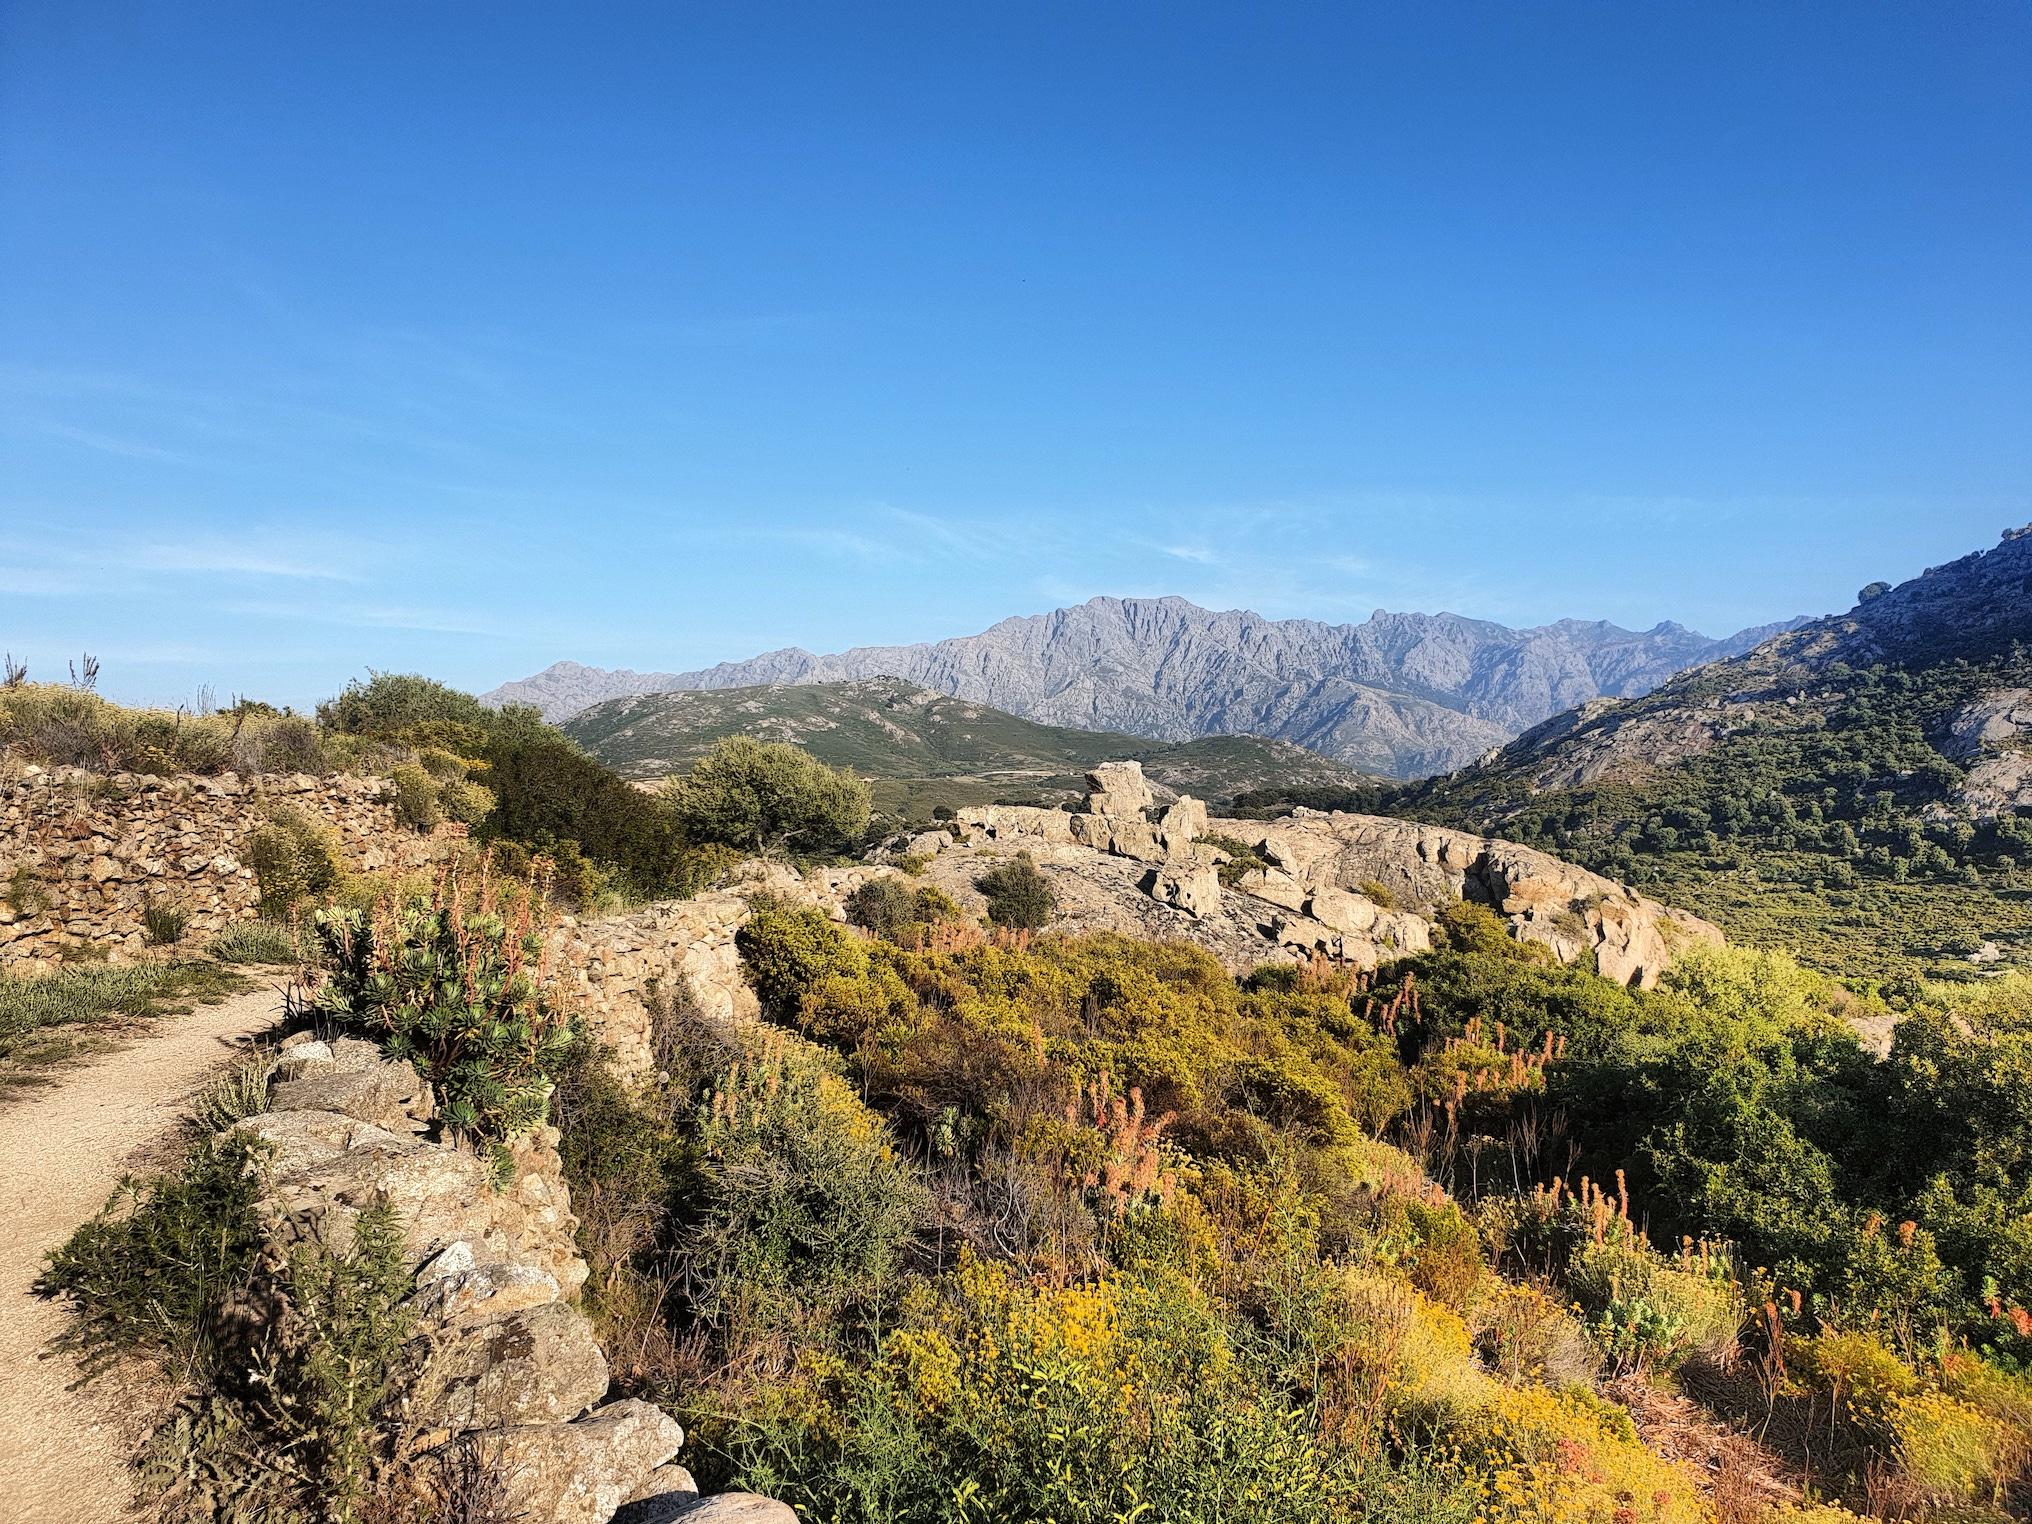 Le Montegrossu sur les sentiers du village abandonné de Occi près de Lumio (Eric Frulani)